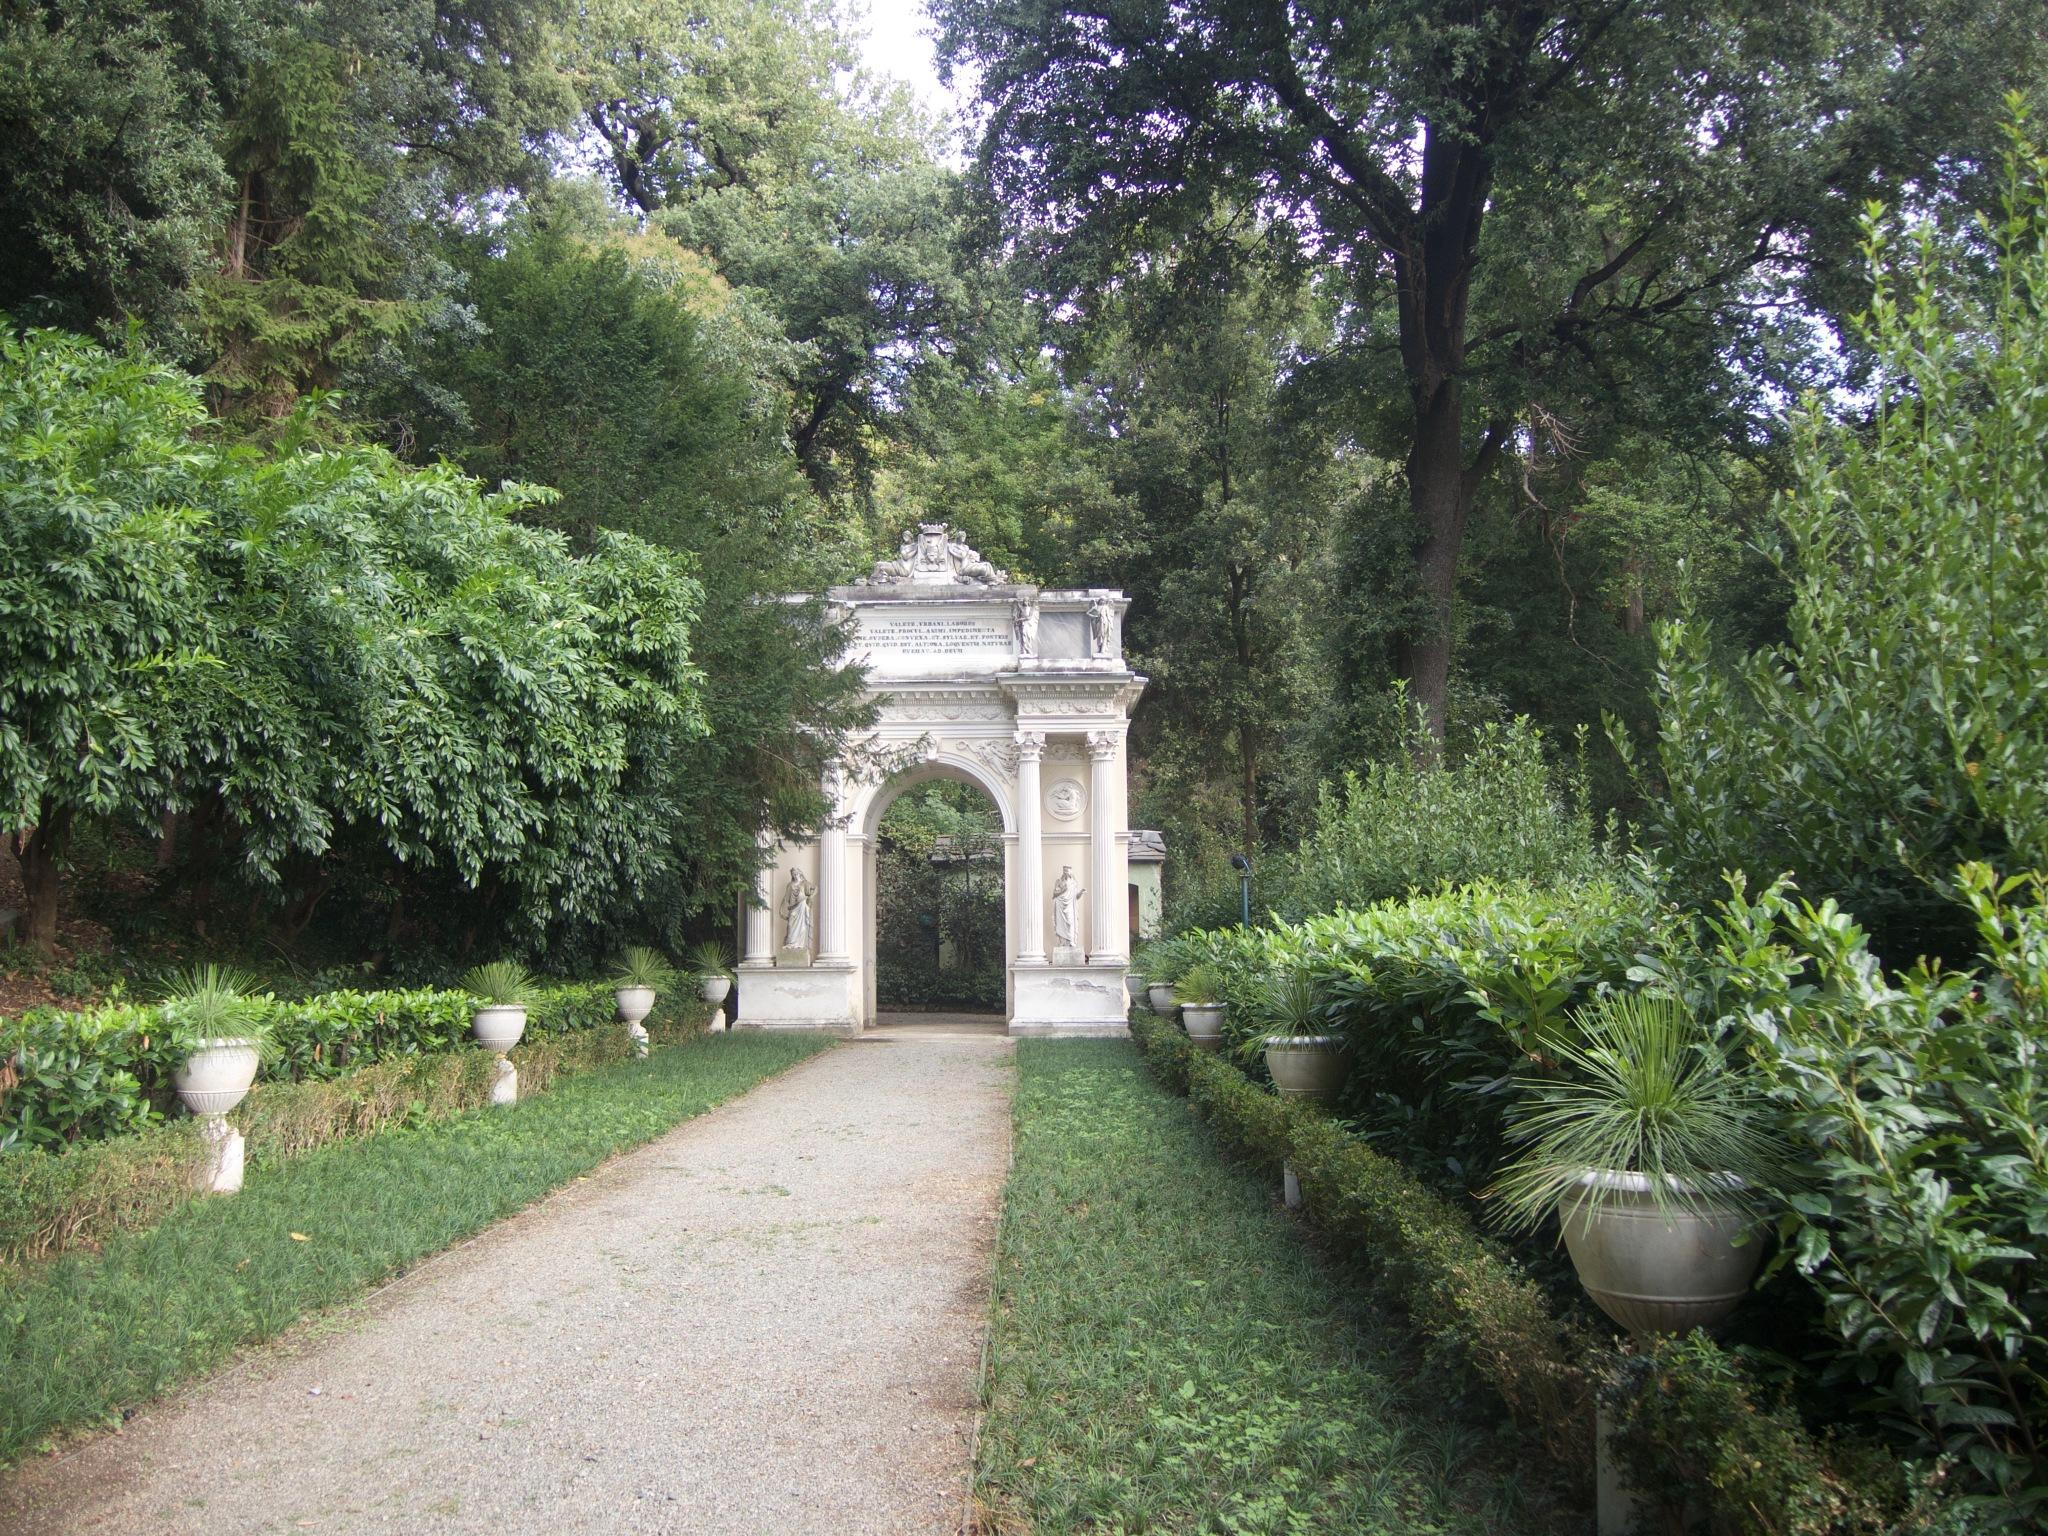 Villa Pallavicini in Genoa Pegli by Stefano Bagnasco